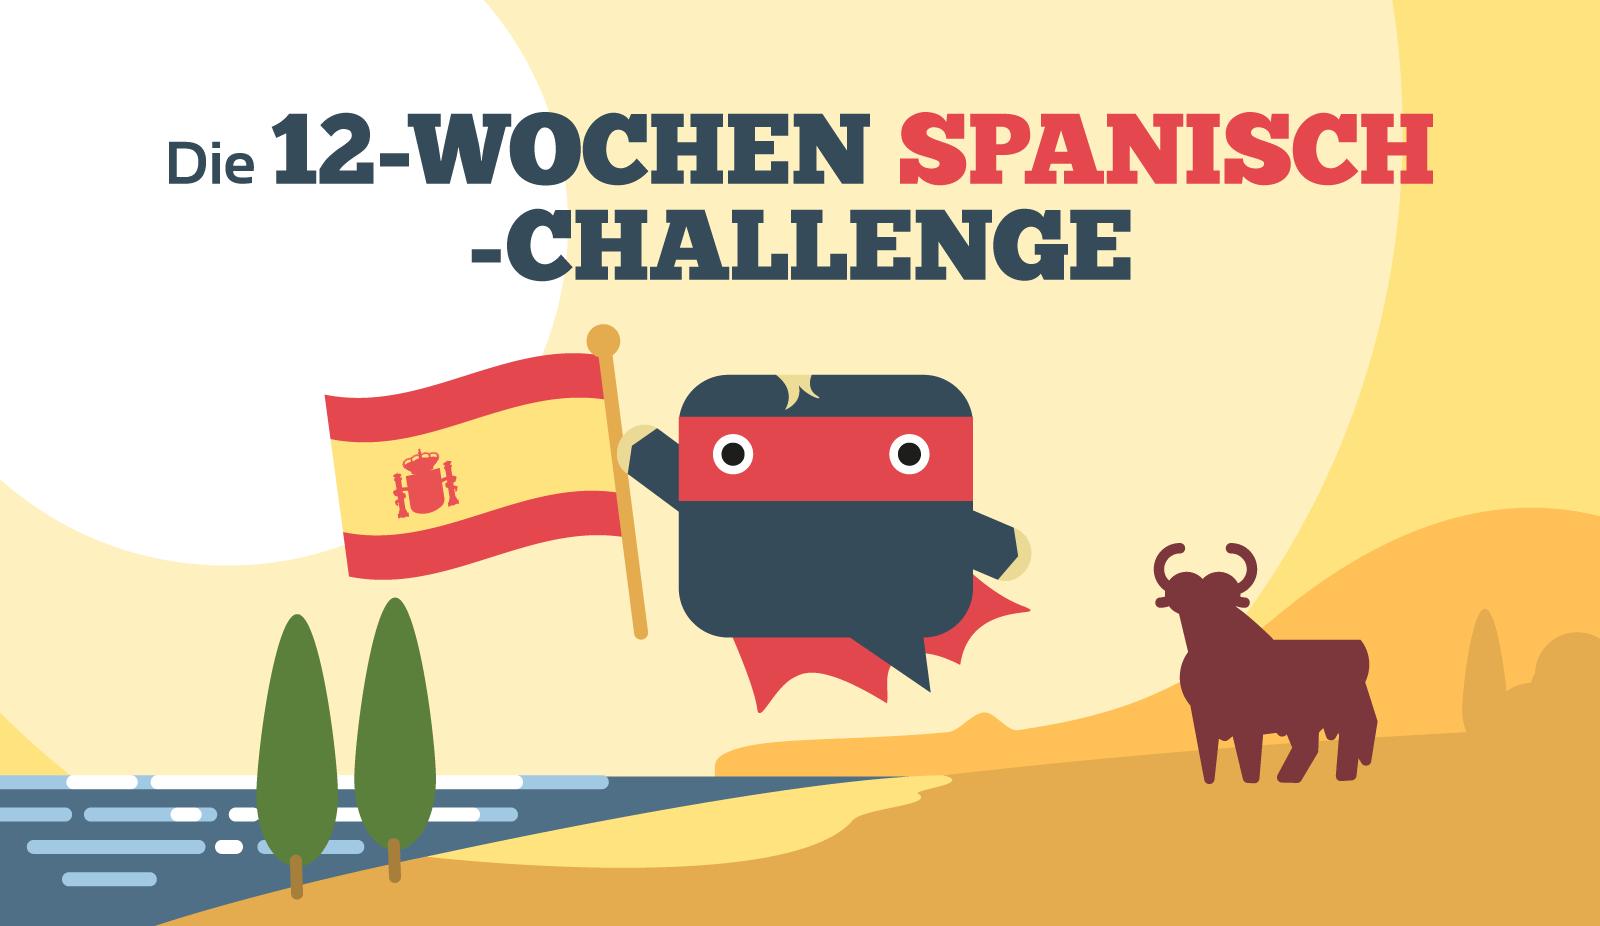 Sprachheld 12 Wochen Spanisch Challenge 2020 04 23